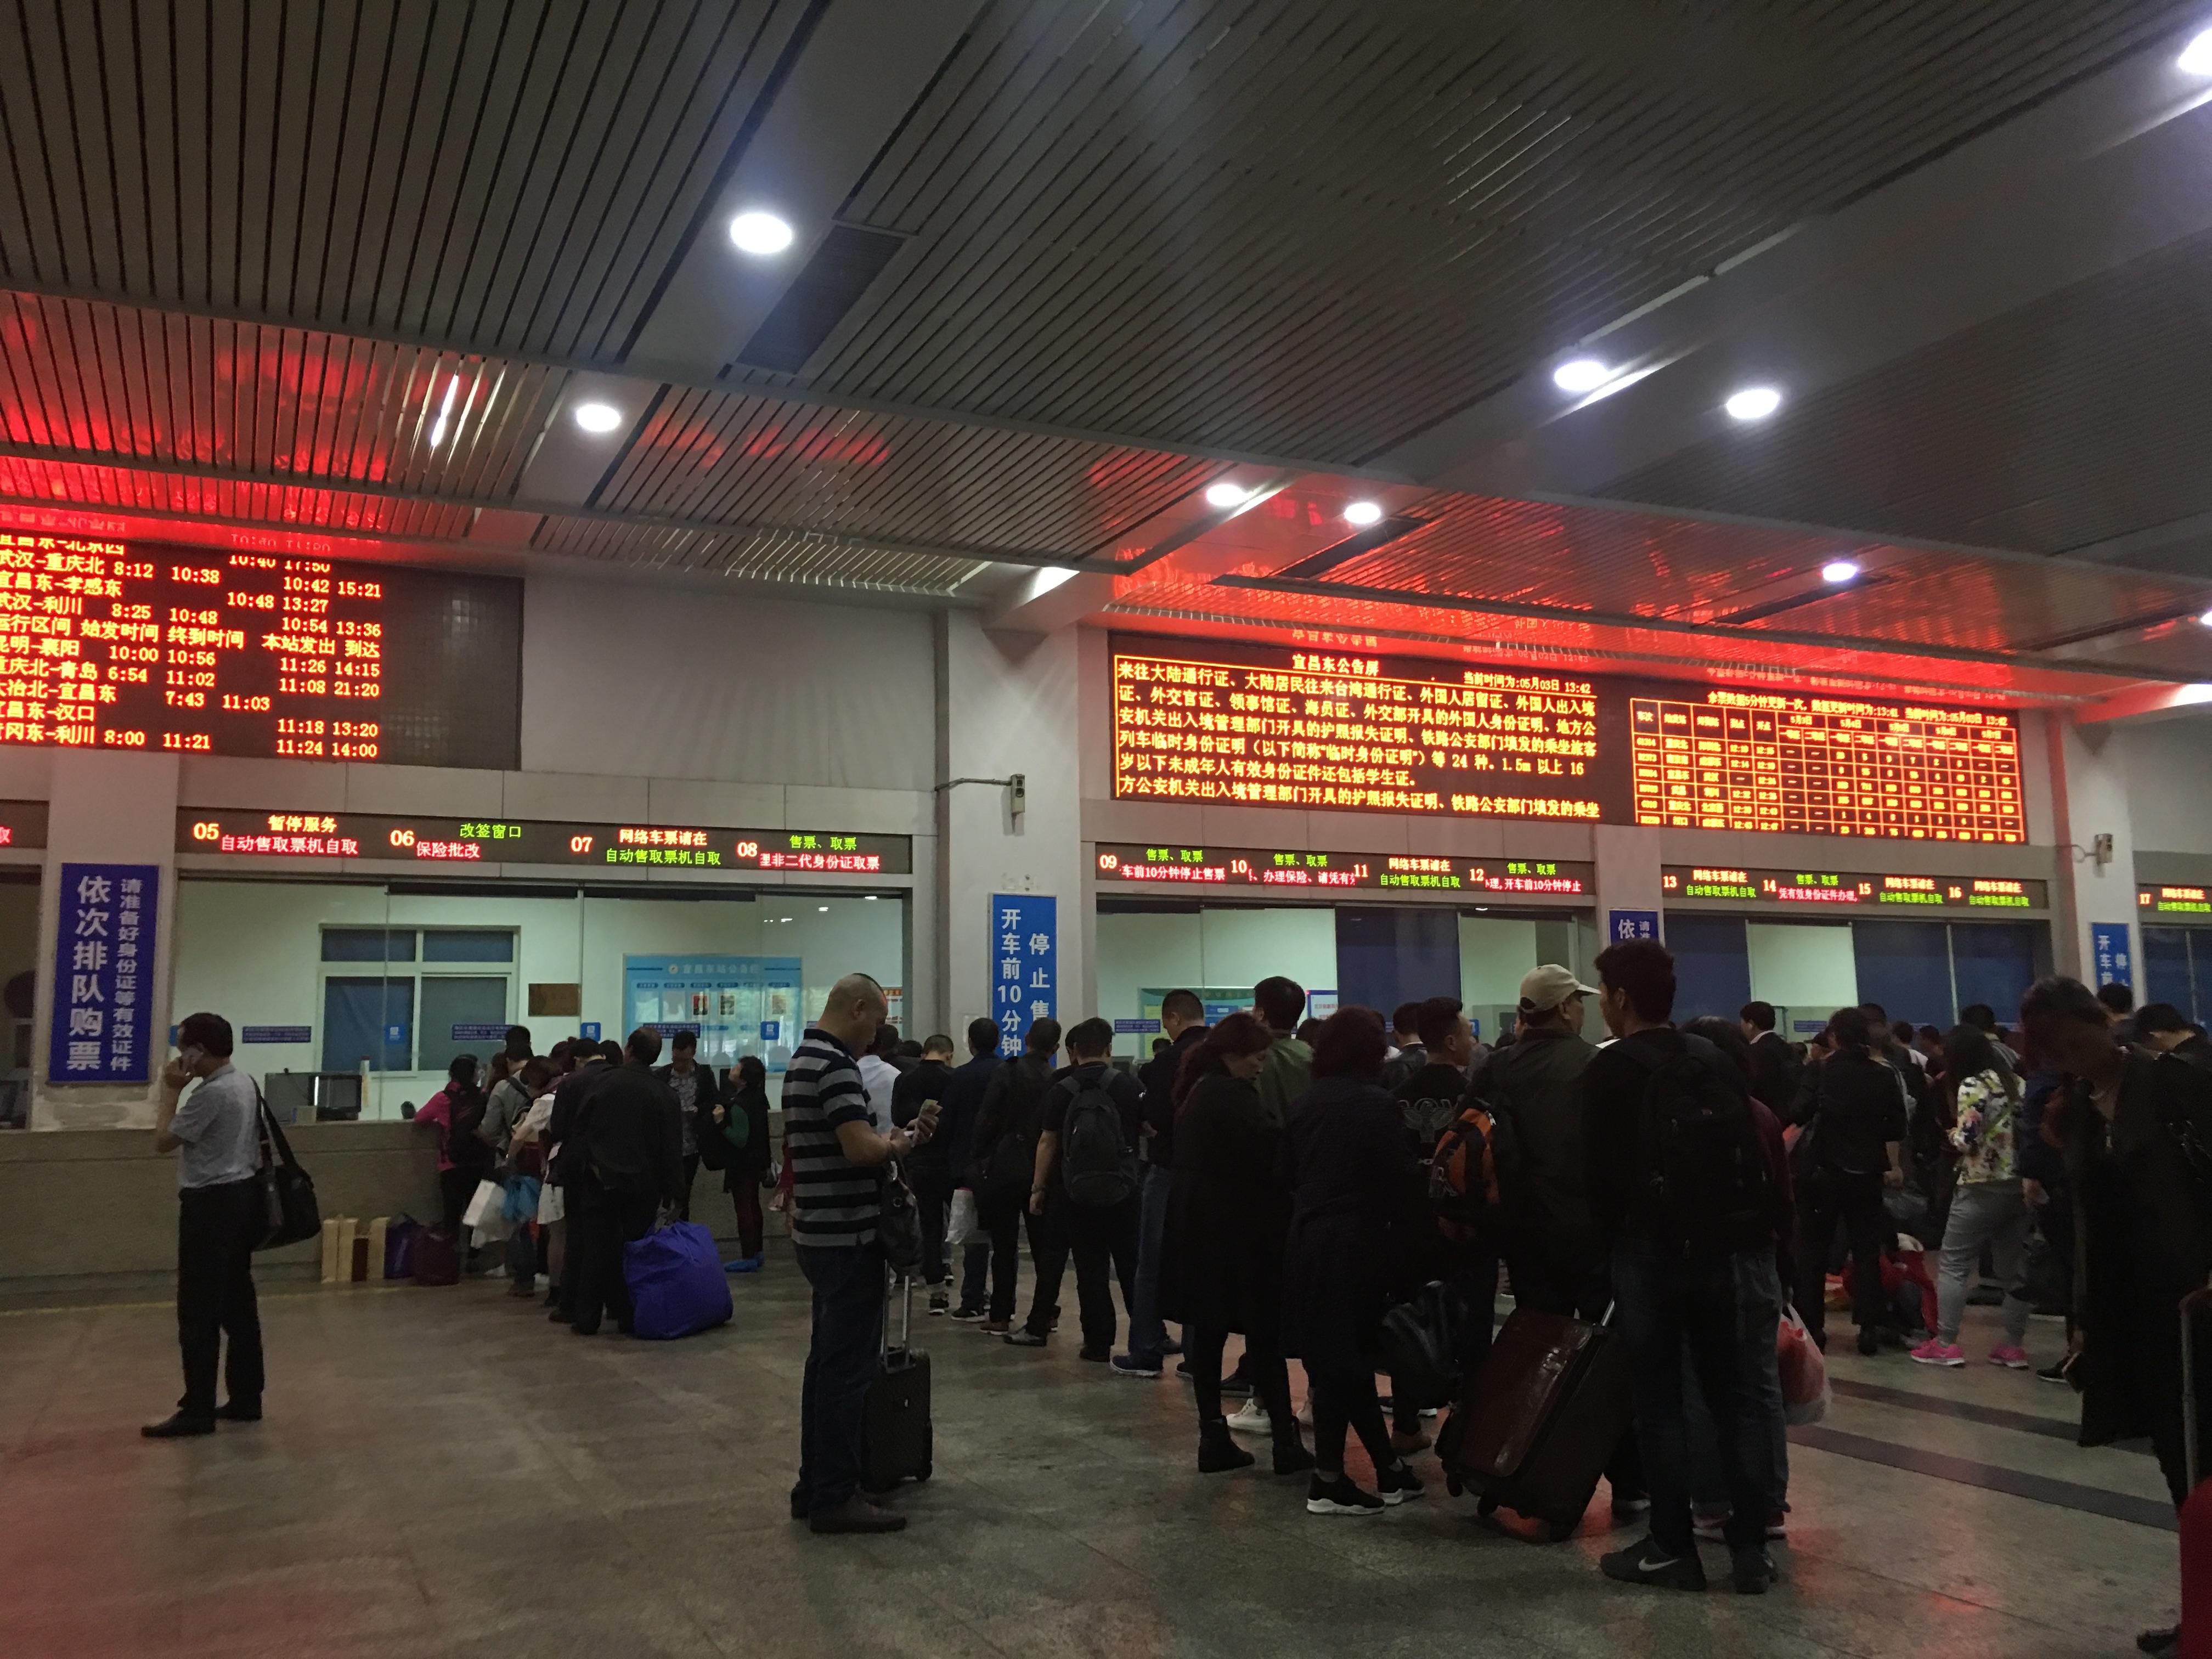 宜昌東駅售票区